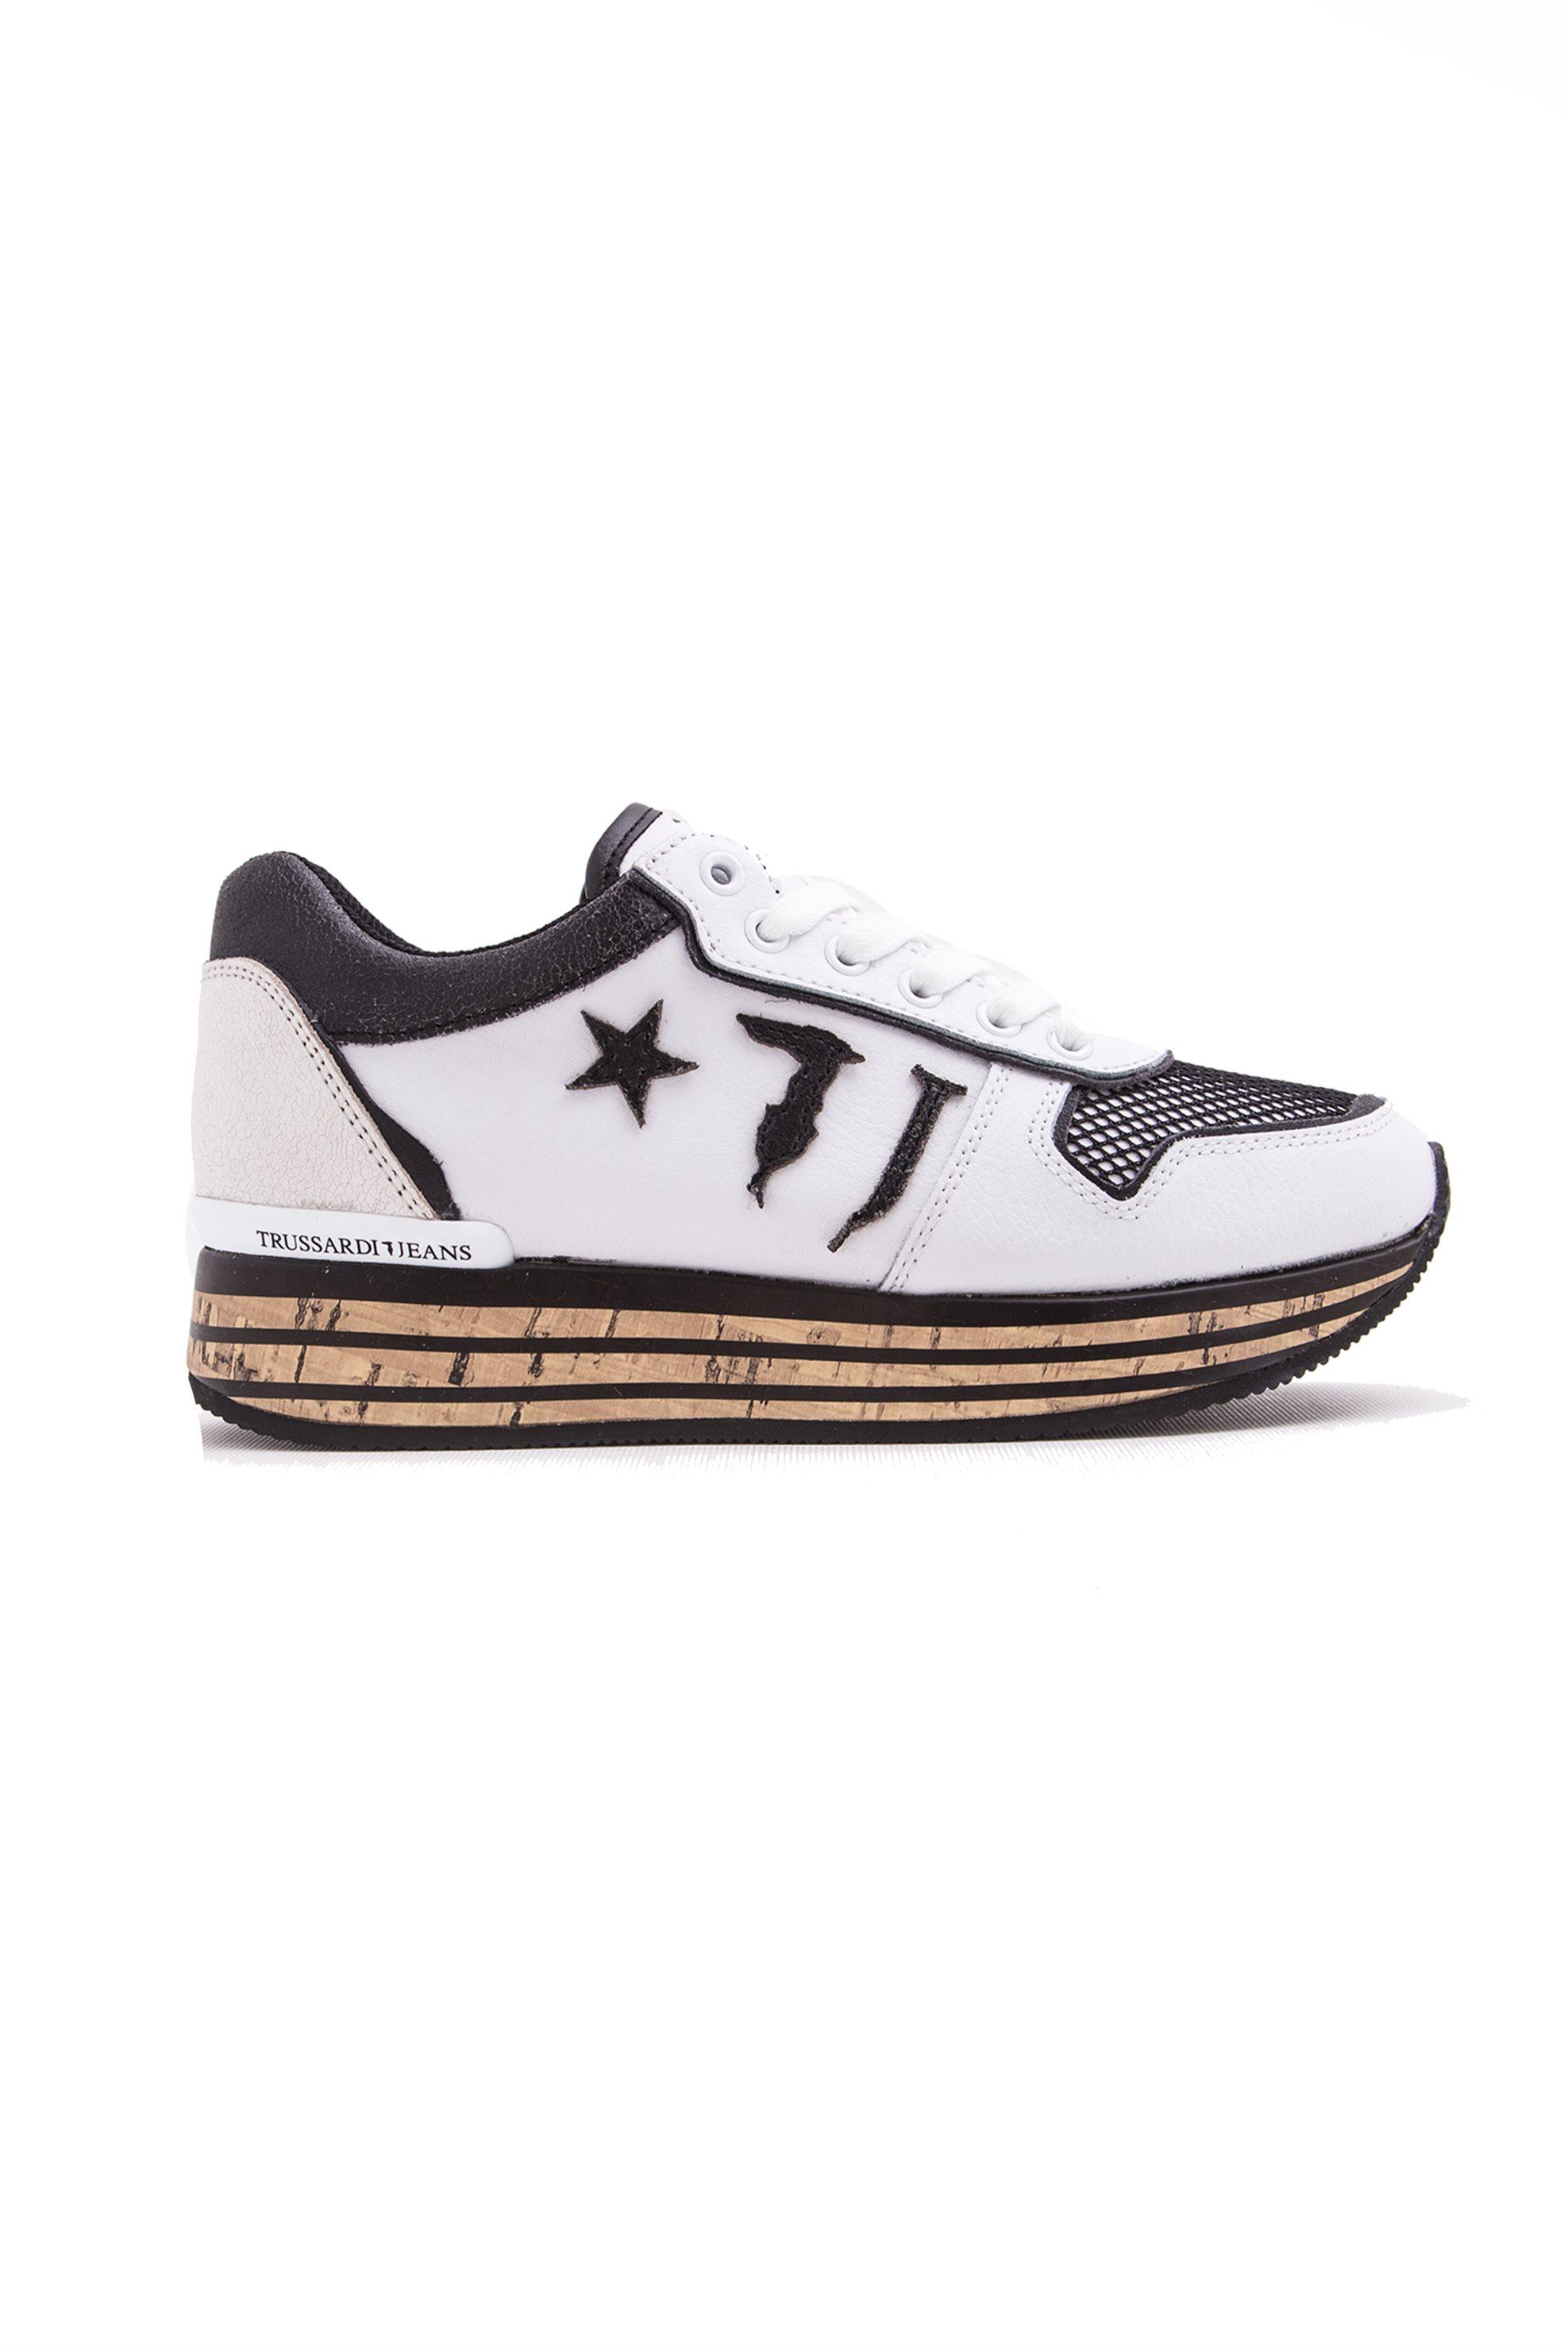 Γυναικεία υπερυψωμένα Sneakers Star Trussardi Jeans – 79A00149-9Y099999 – Λευκό